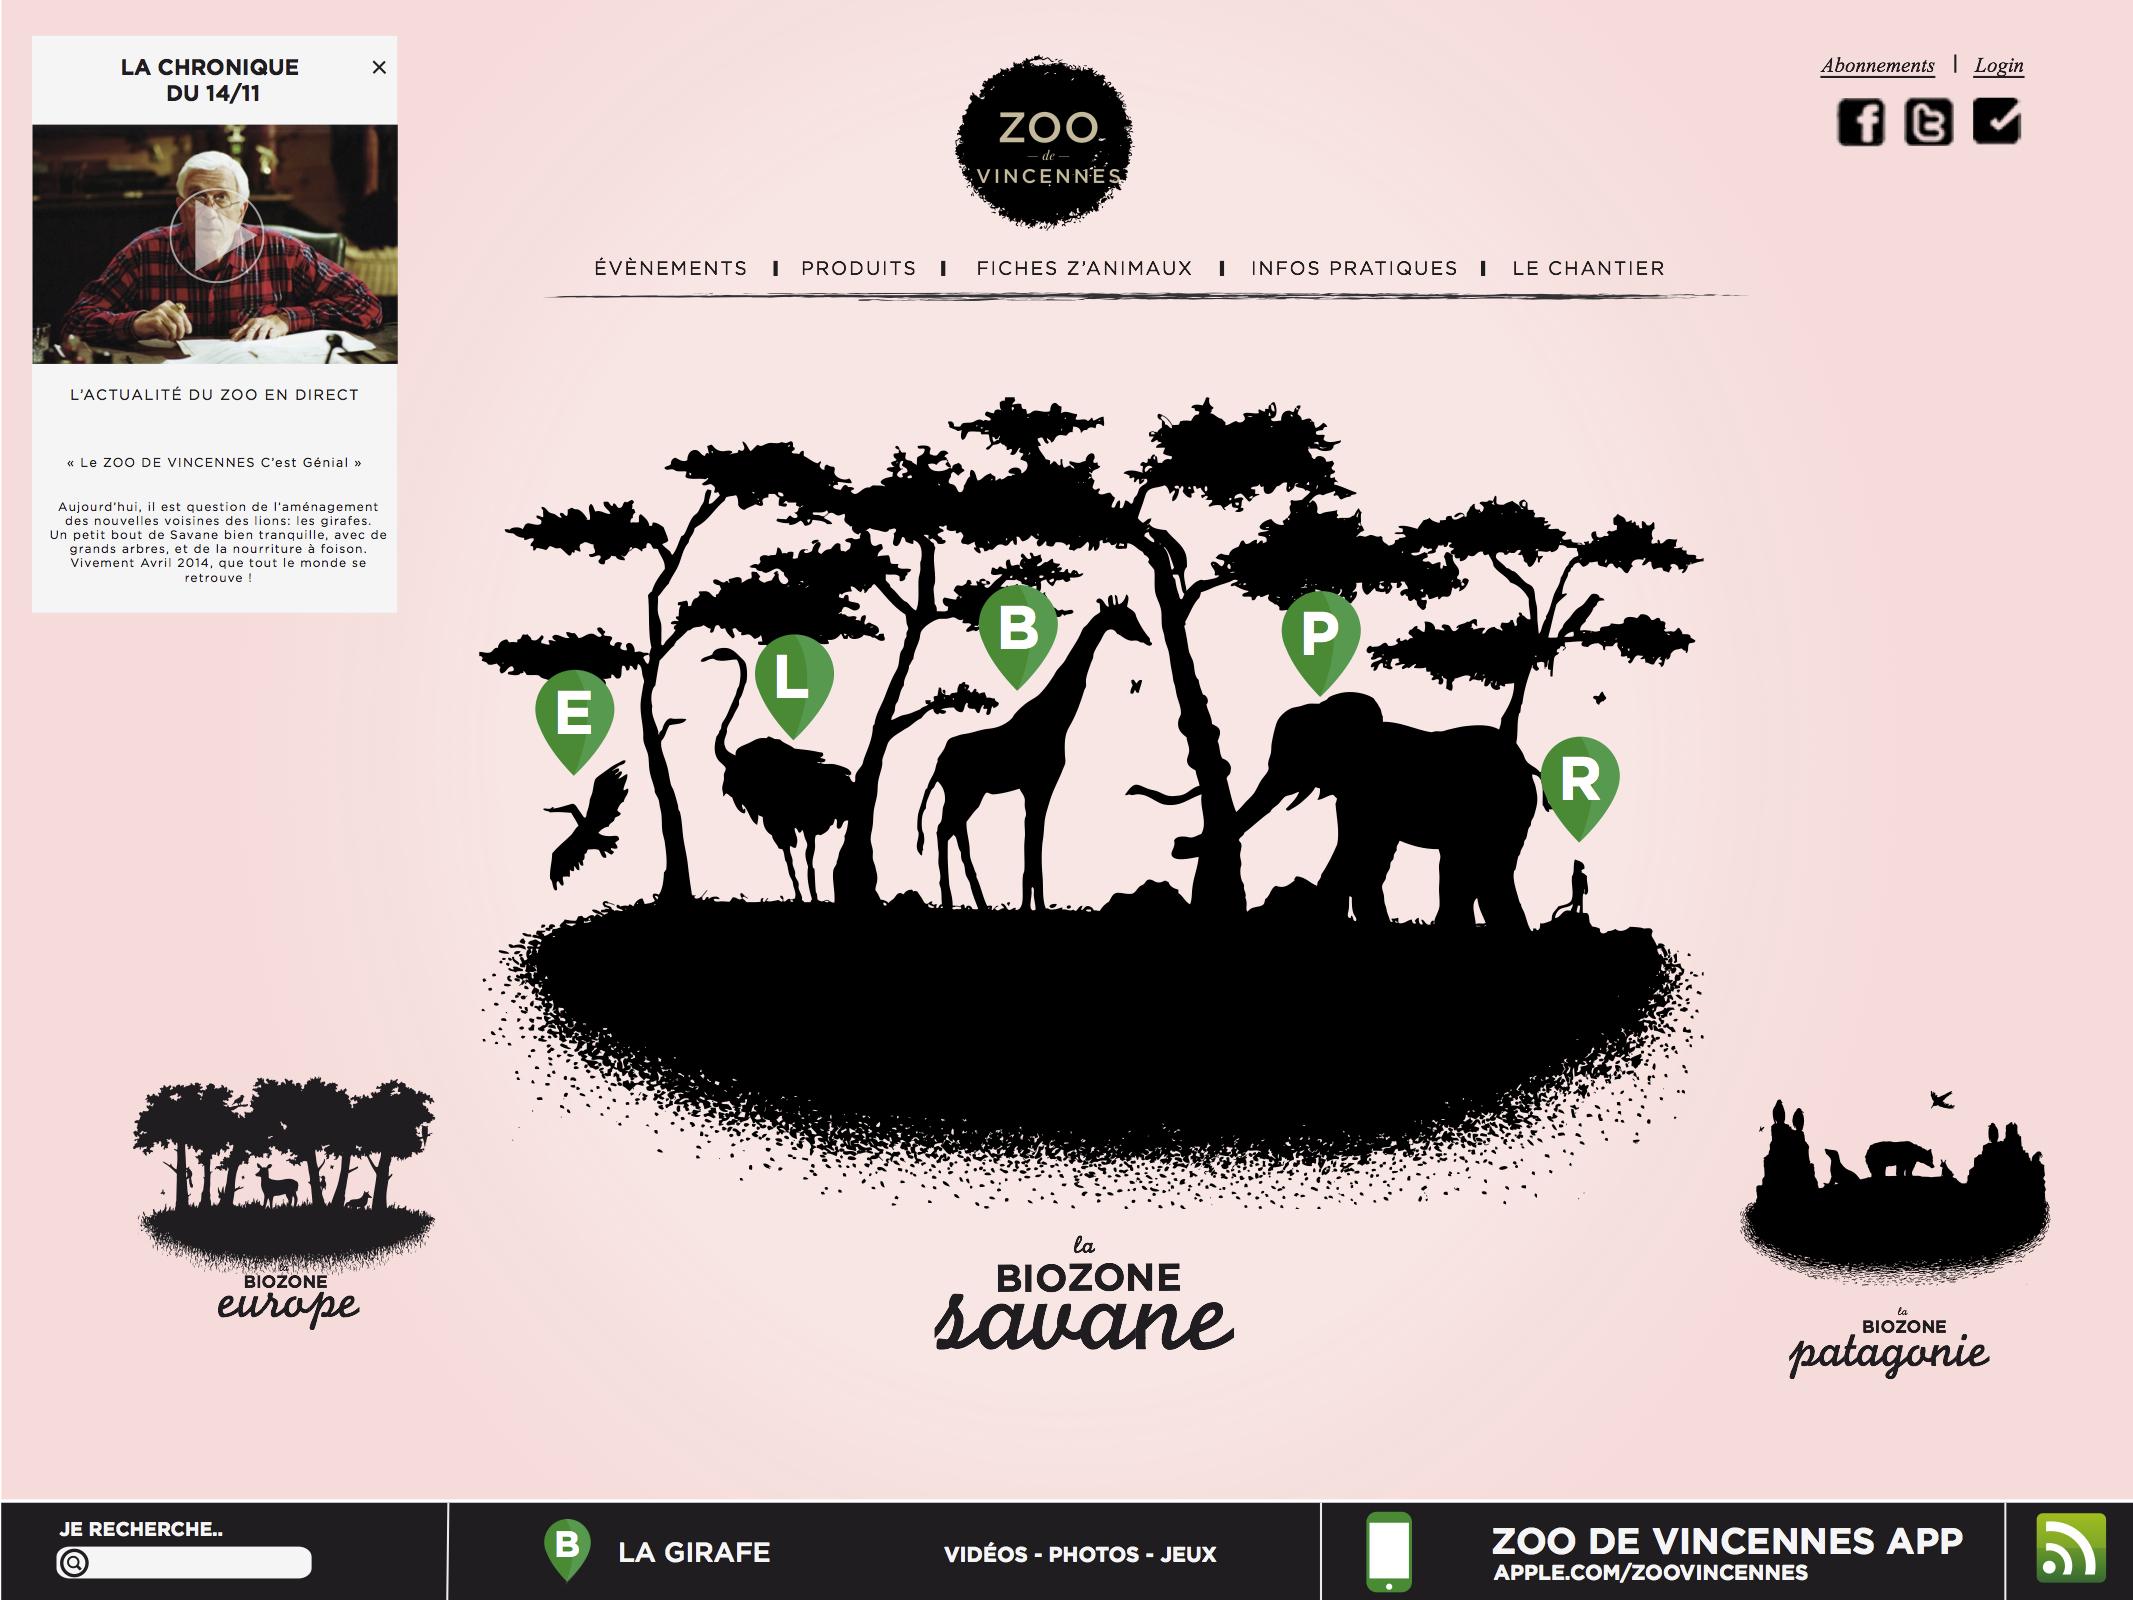 Le site du Zoo de VIncennes - www.marionchibrard.com